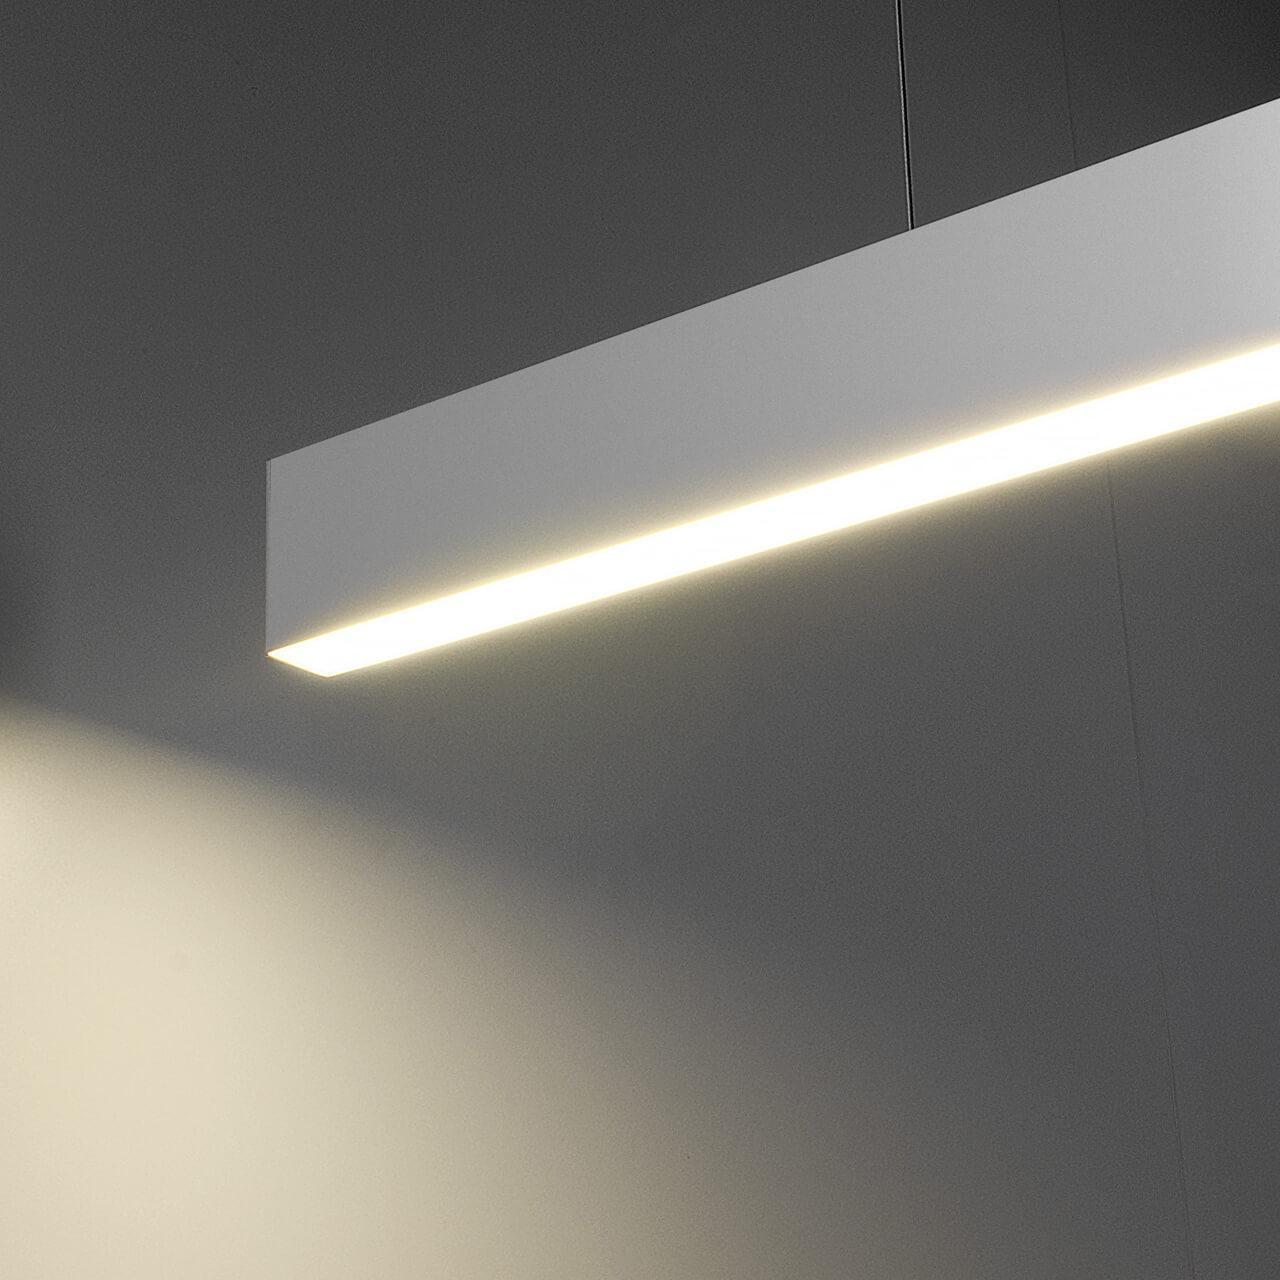 Подвесной светодиодный светильник Elektrostandard LSG-01-1-8 128-21-3000-MS 4690389129483 цены